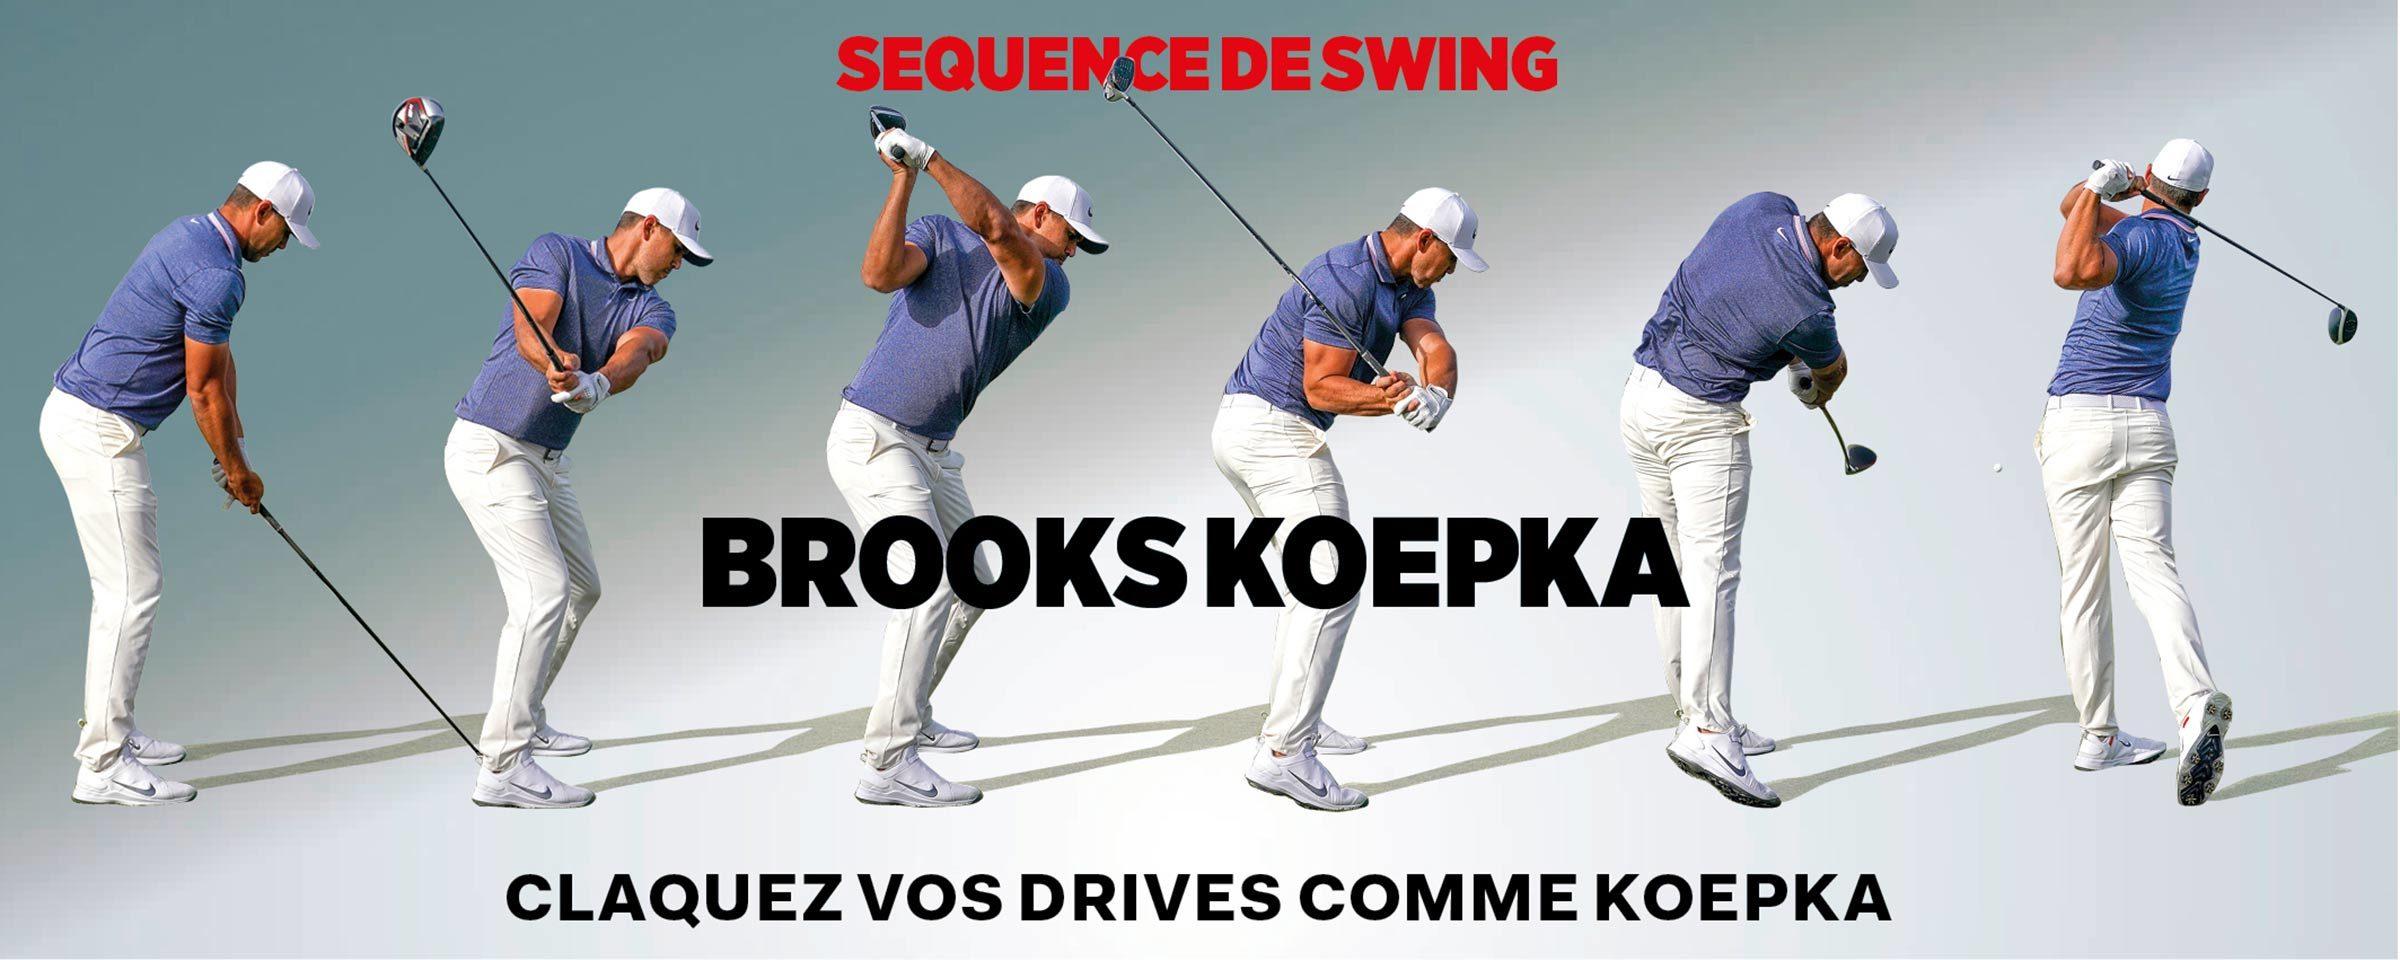 Brooks Koepka